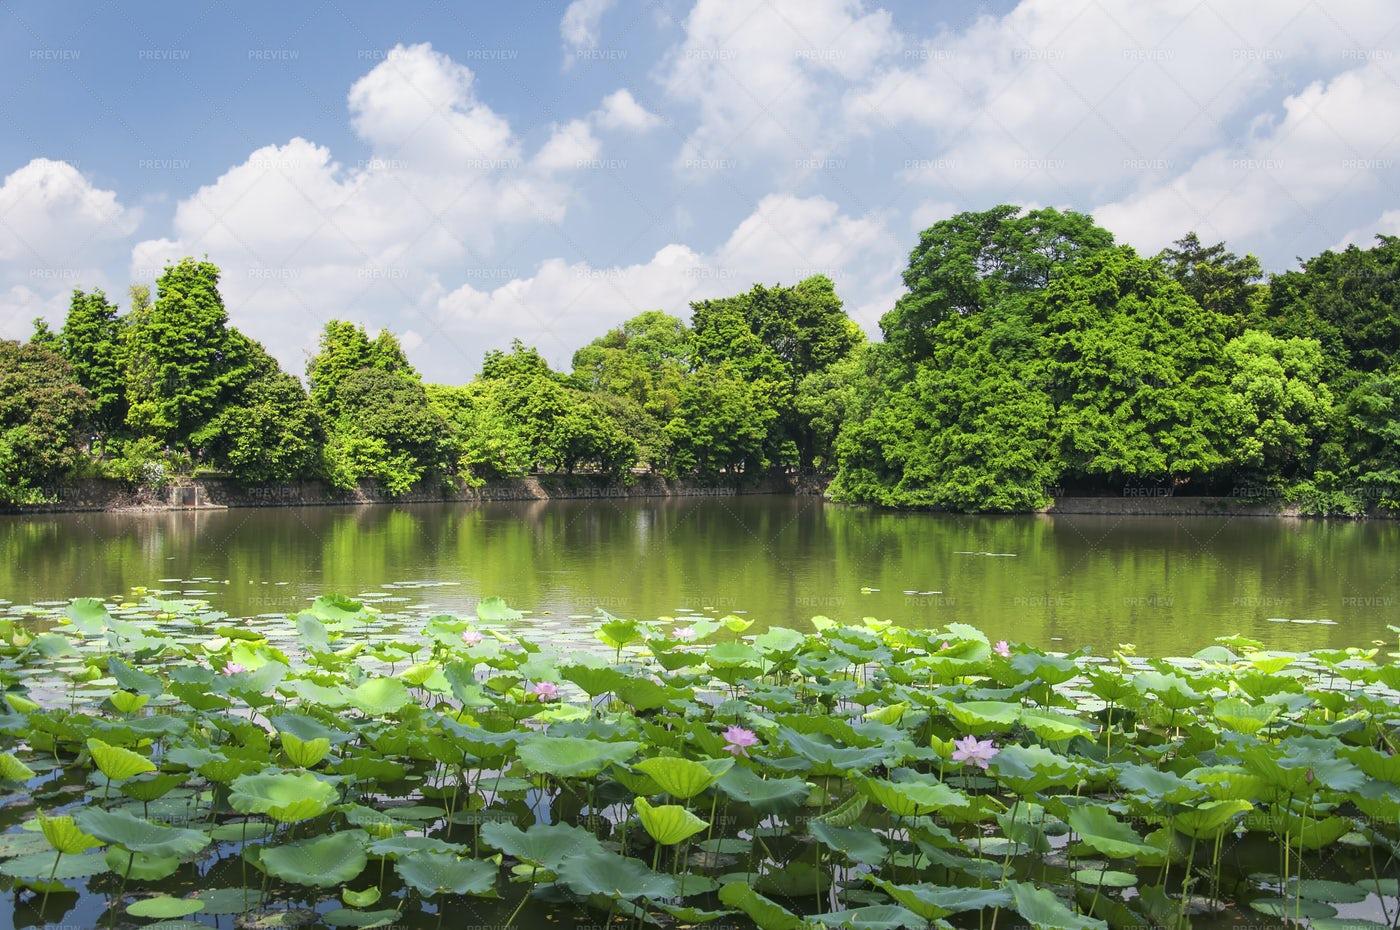 Lotus Flowers On Lake, Guangzhou, China: Stock Photos